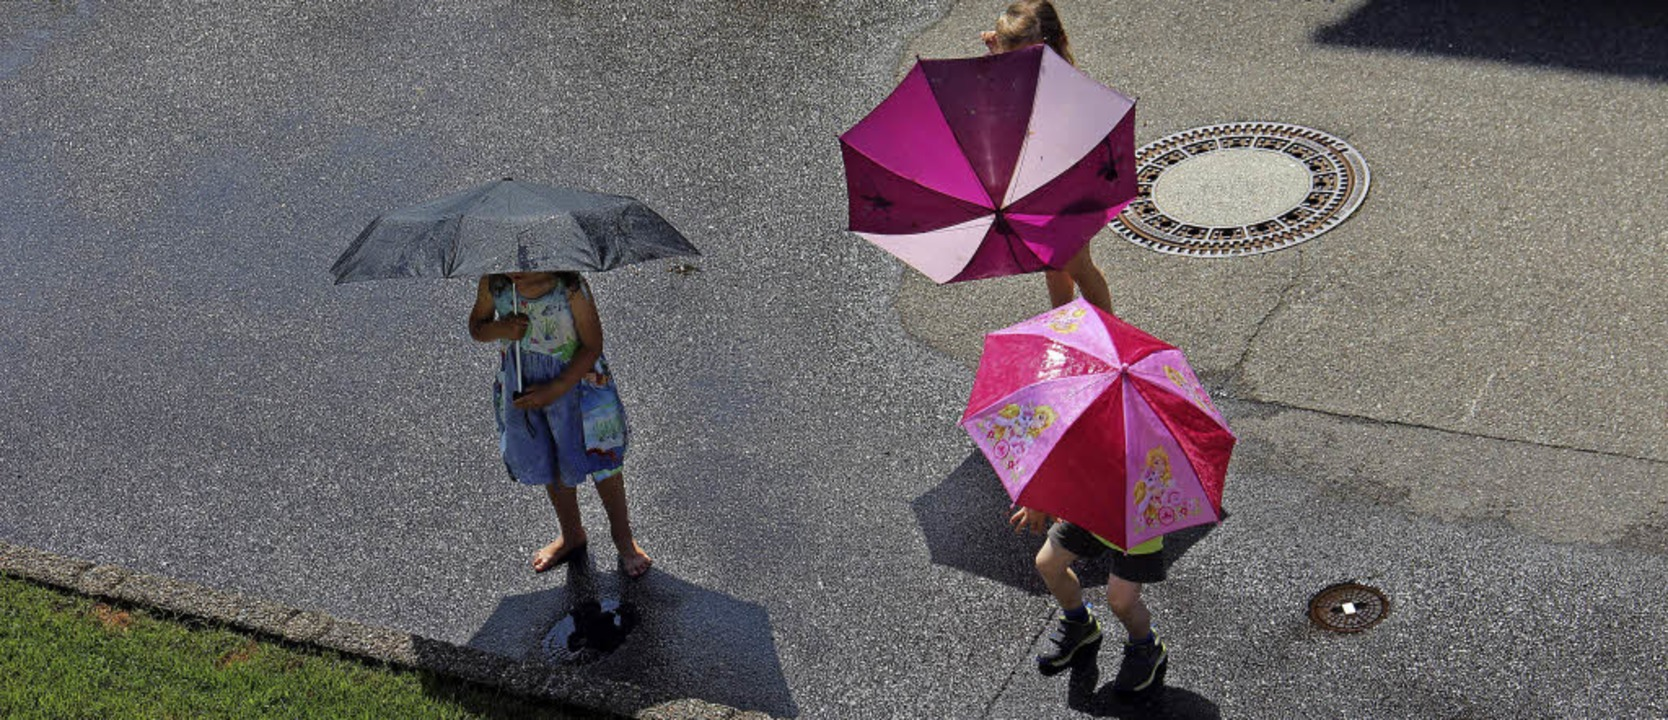 Regen- oder Sonnenschirm? Die Sonnenan...en erfrischenden Guß bestimmt freuen.     Foto: Helmut Kohler